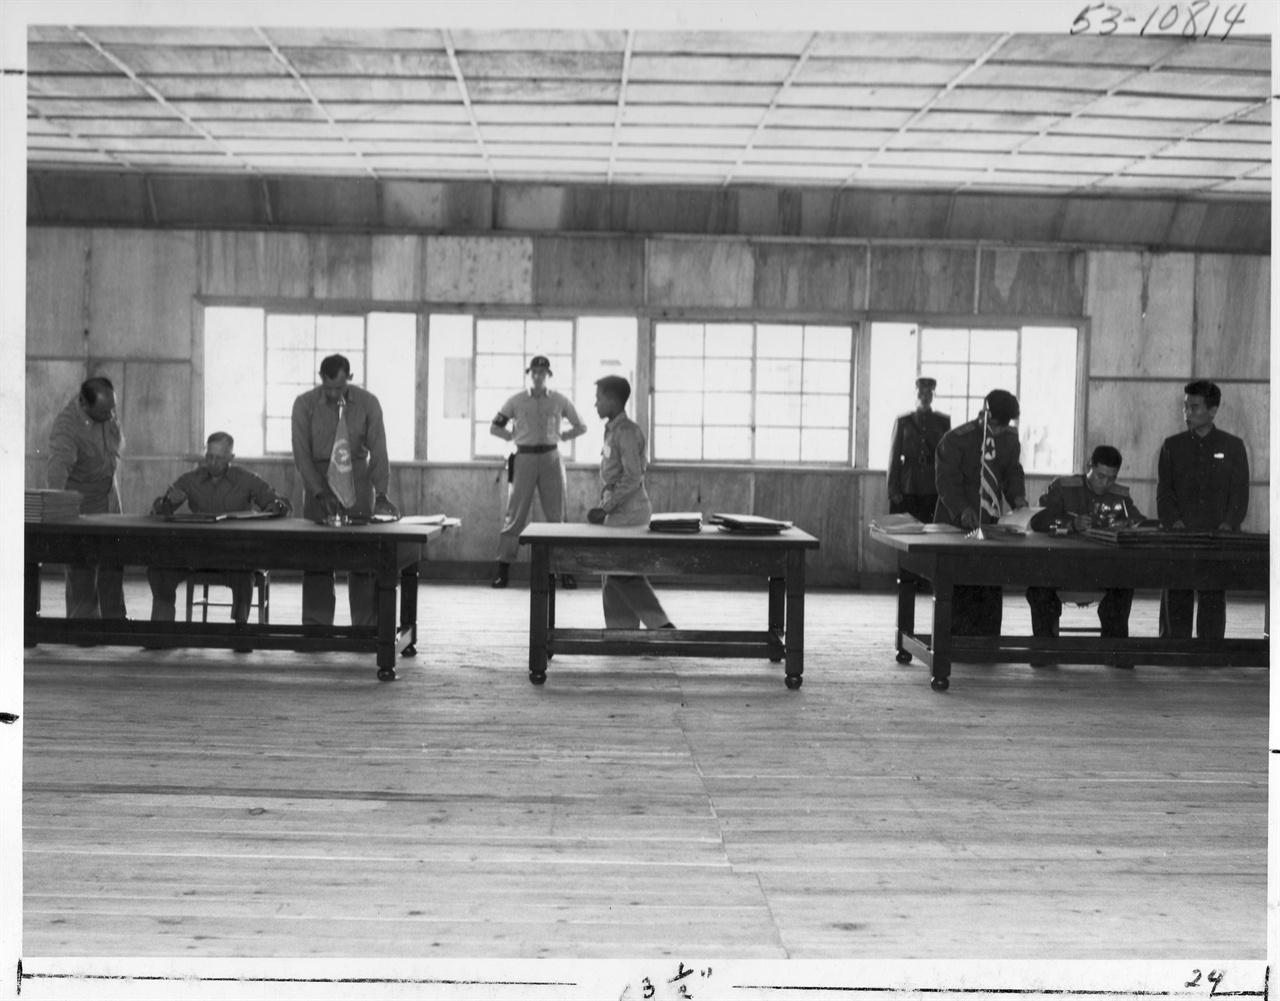 1953. 7. 27. 판문점, 정전회담 조인식으로 왼쪽 책상에서 유엔군 측 대표 해리슨 장군이, 오른쪽 책상에서는 북한 측 남일 장군이 서명하고 있다.